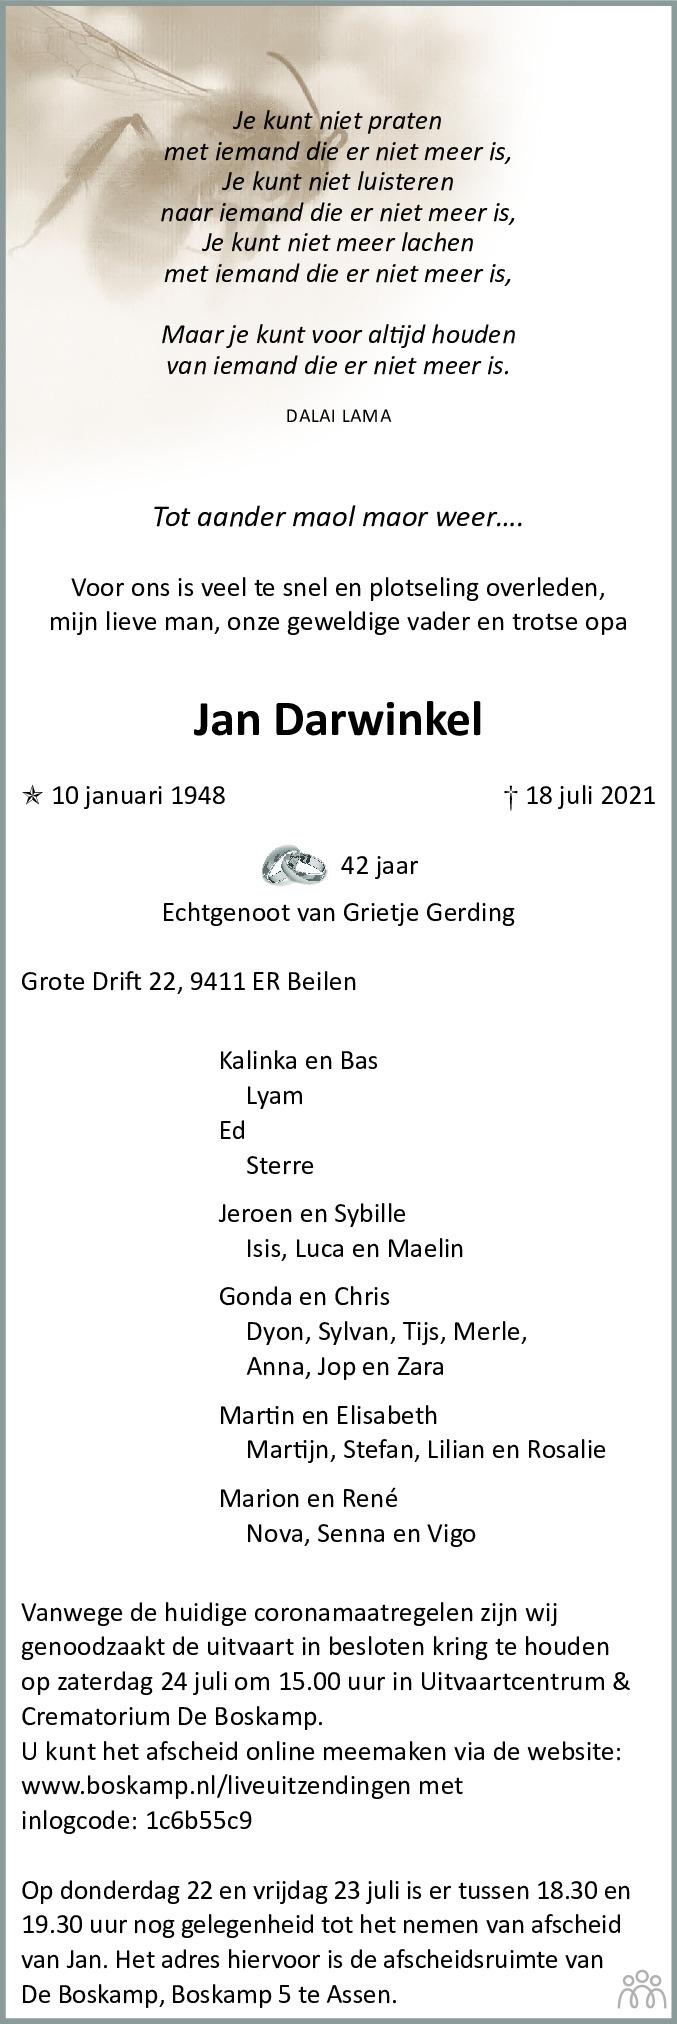 Overlijdensbericht van Jan Darwinkel in De krant van Midden-Drenthe